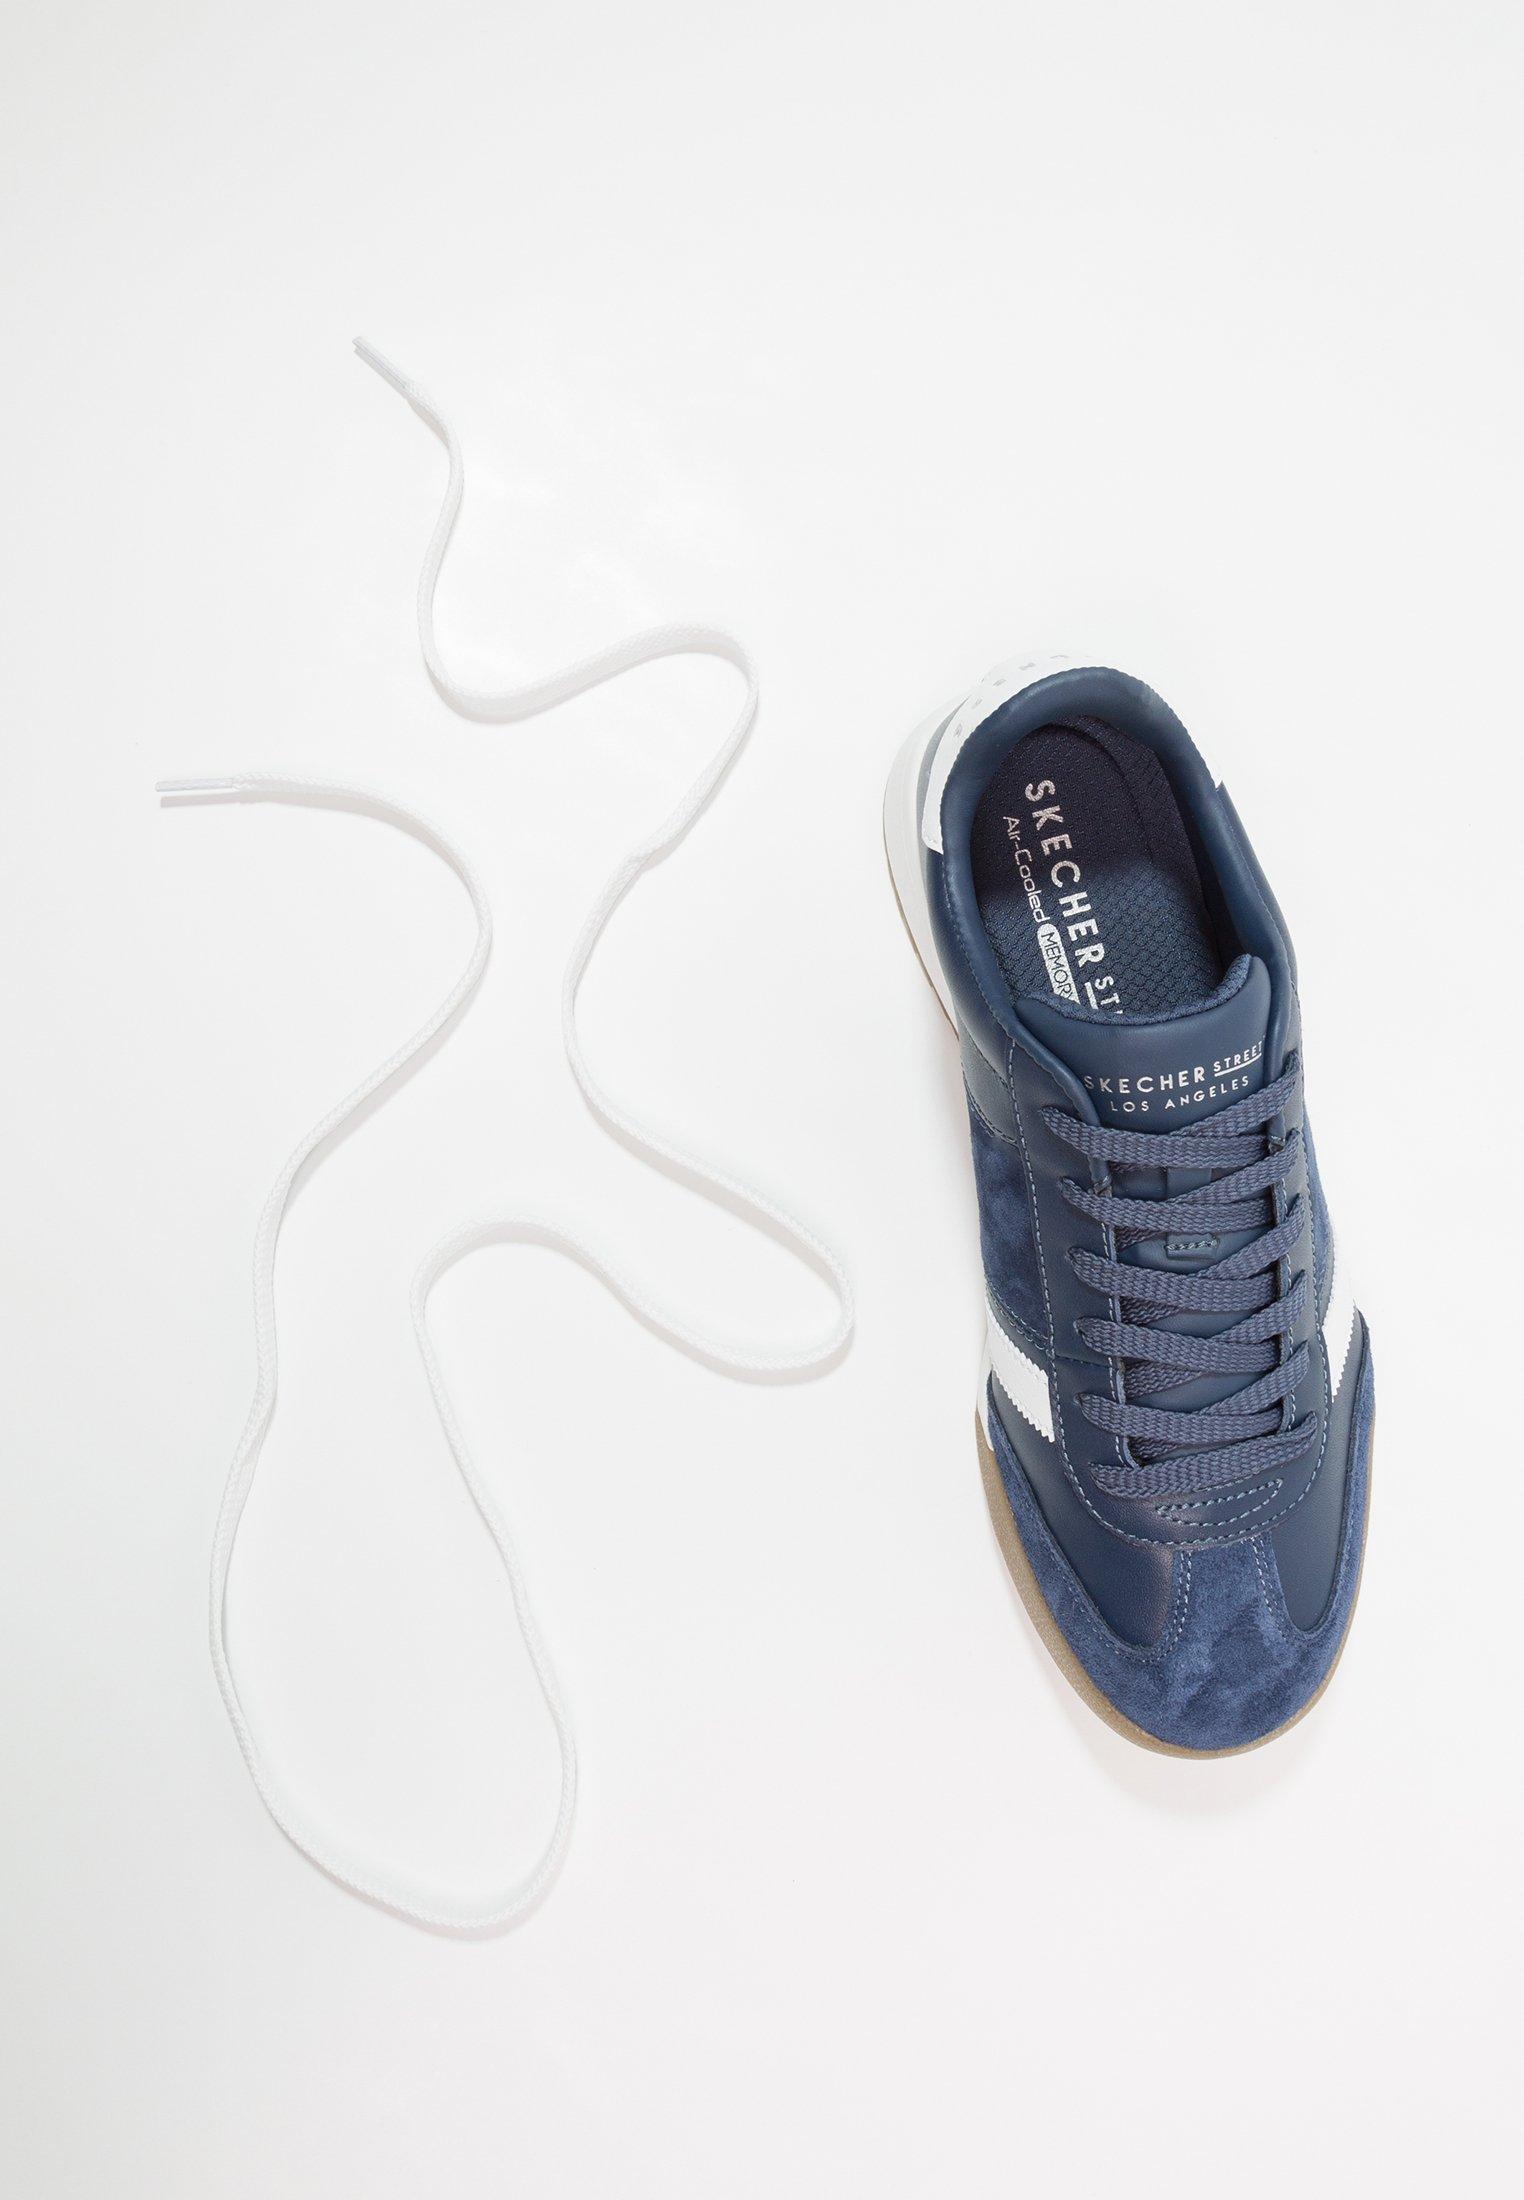 reunirse polilla Relacionado  Skechers Zinger Scobie - Sneakers Navy